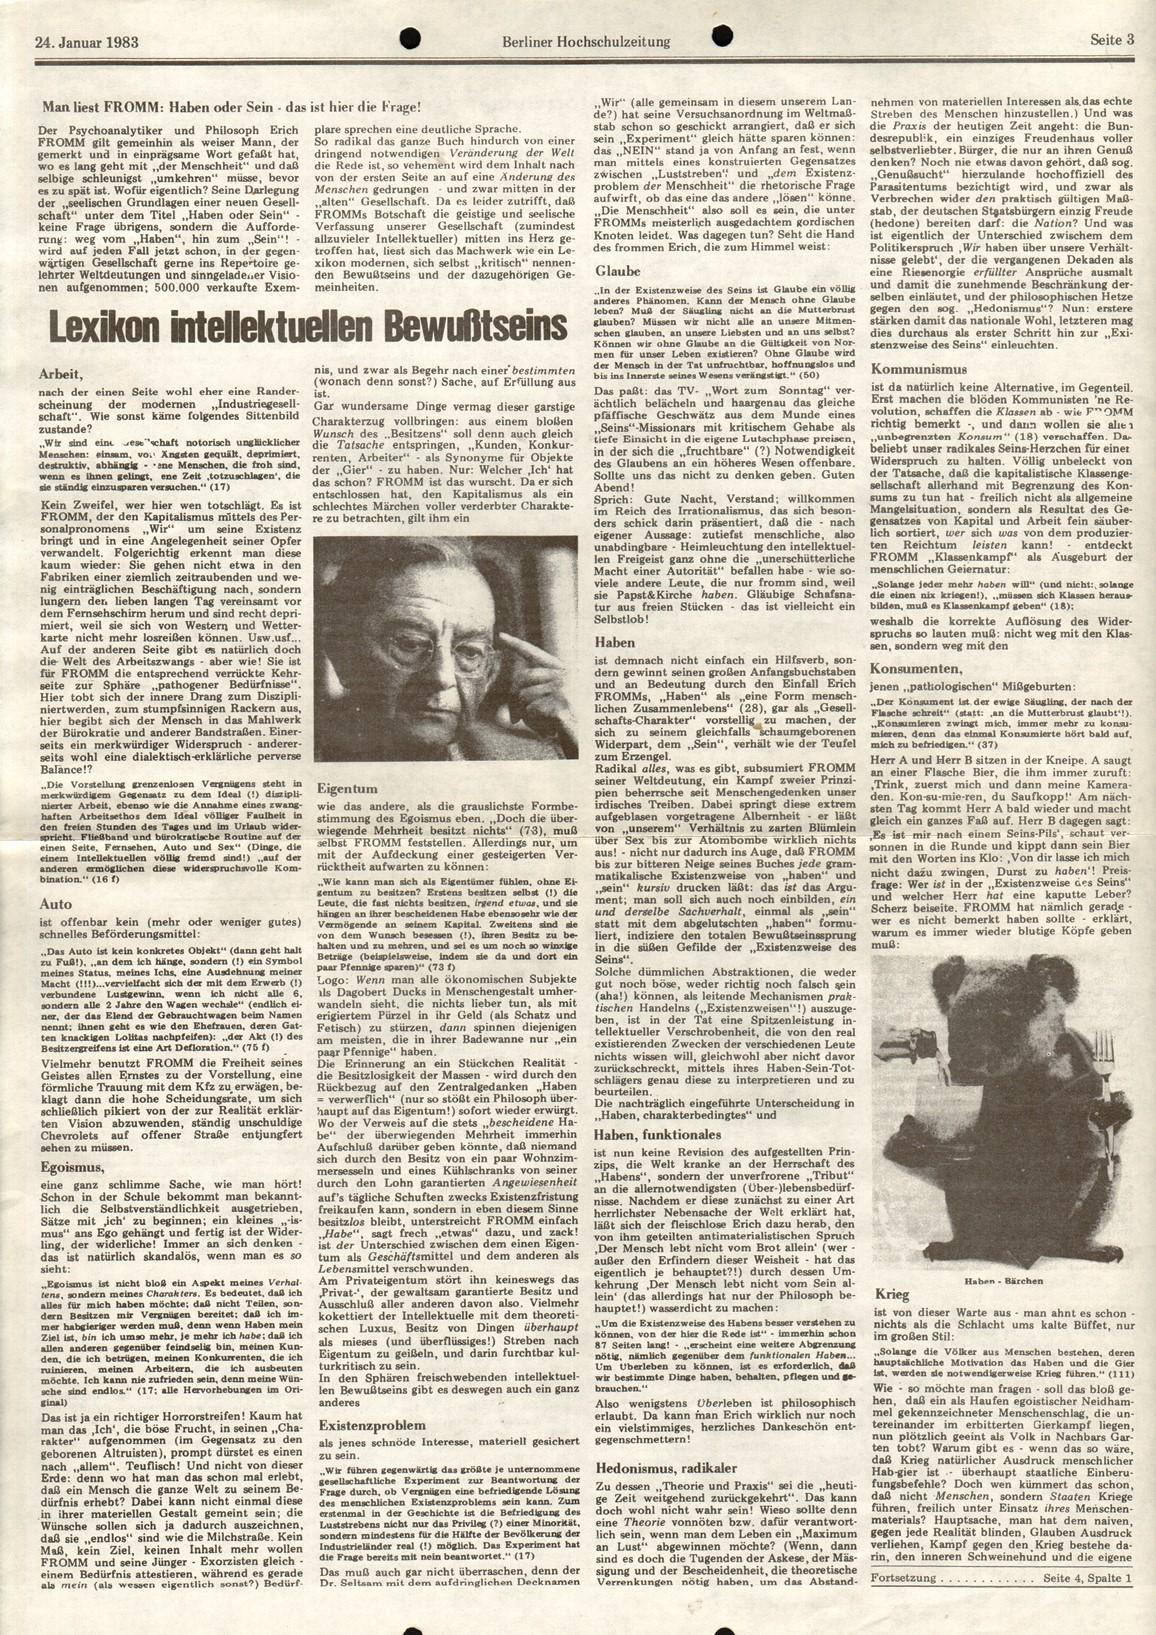 Berlin_MG_Hochschulzeitung_19830124_03